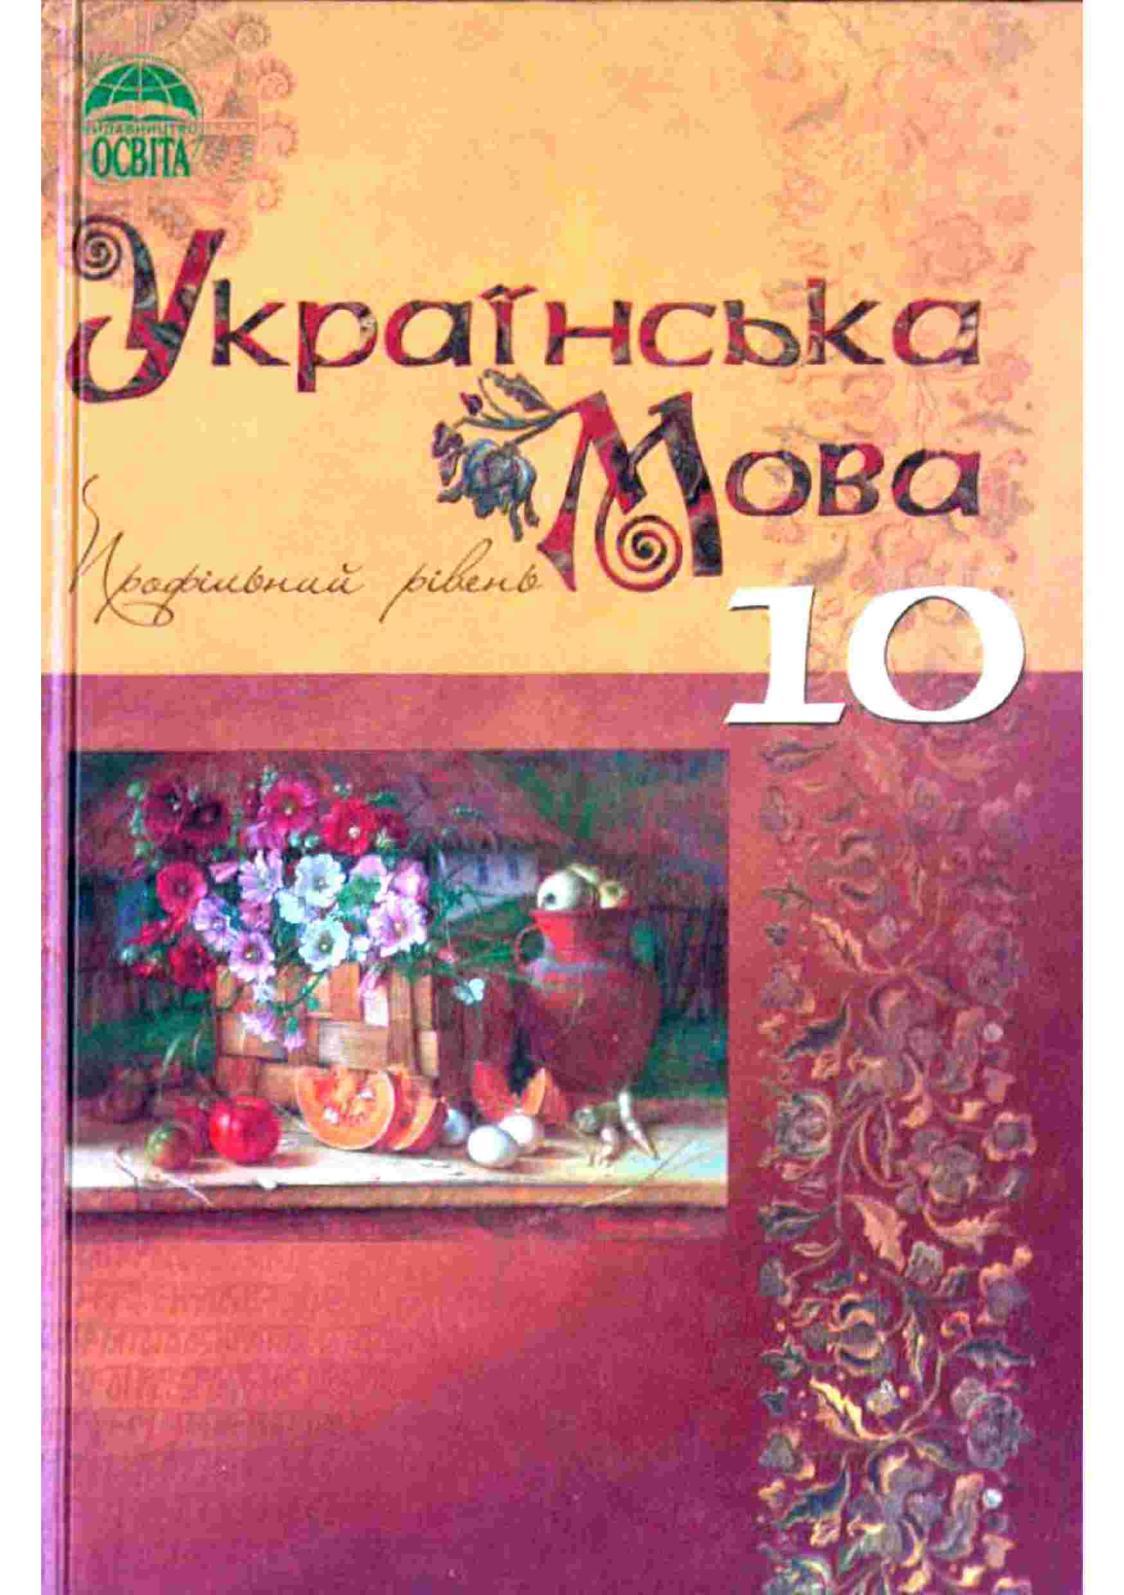 Calaméo - 10 клас. Українська мова профільний рівень (Плющ М.Я.) - 2010 b70871001a0b8